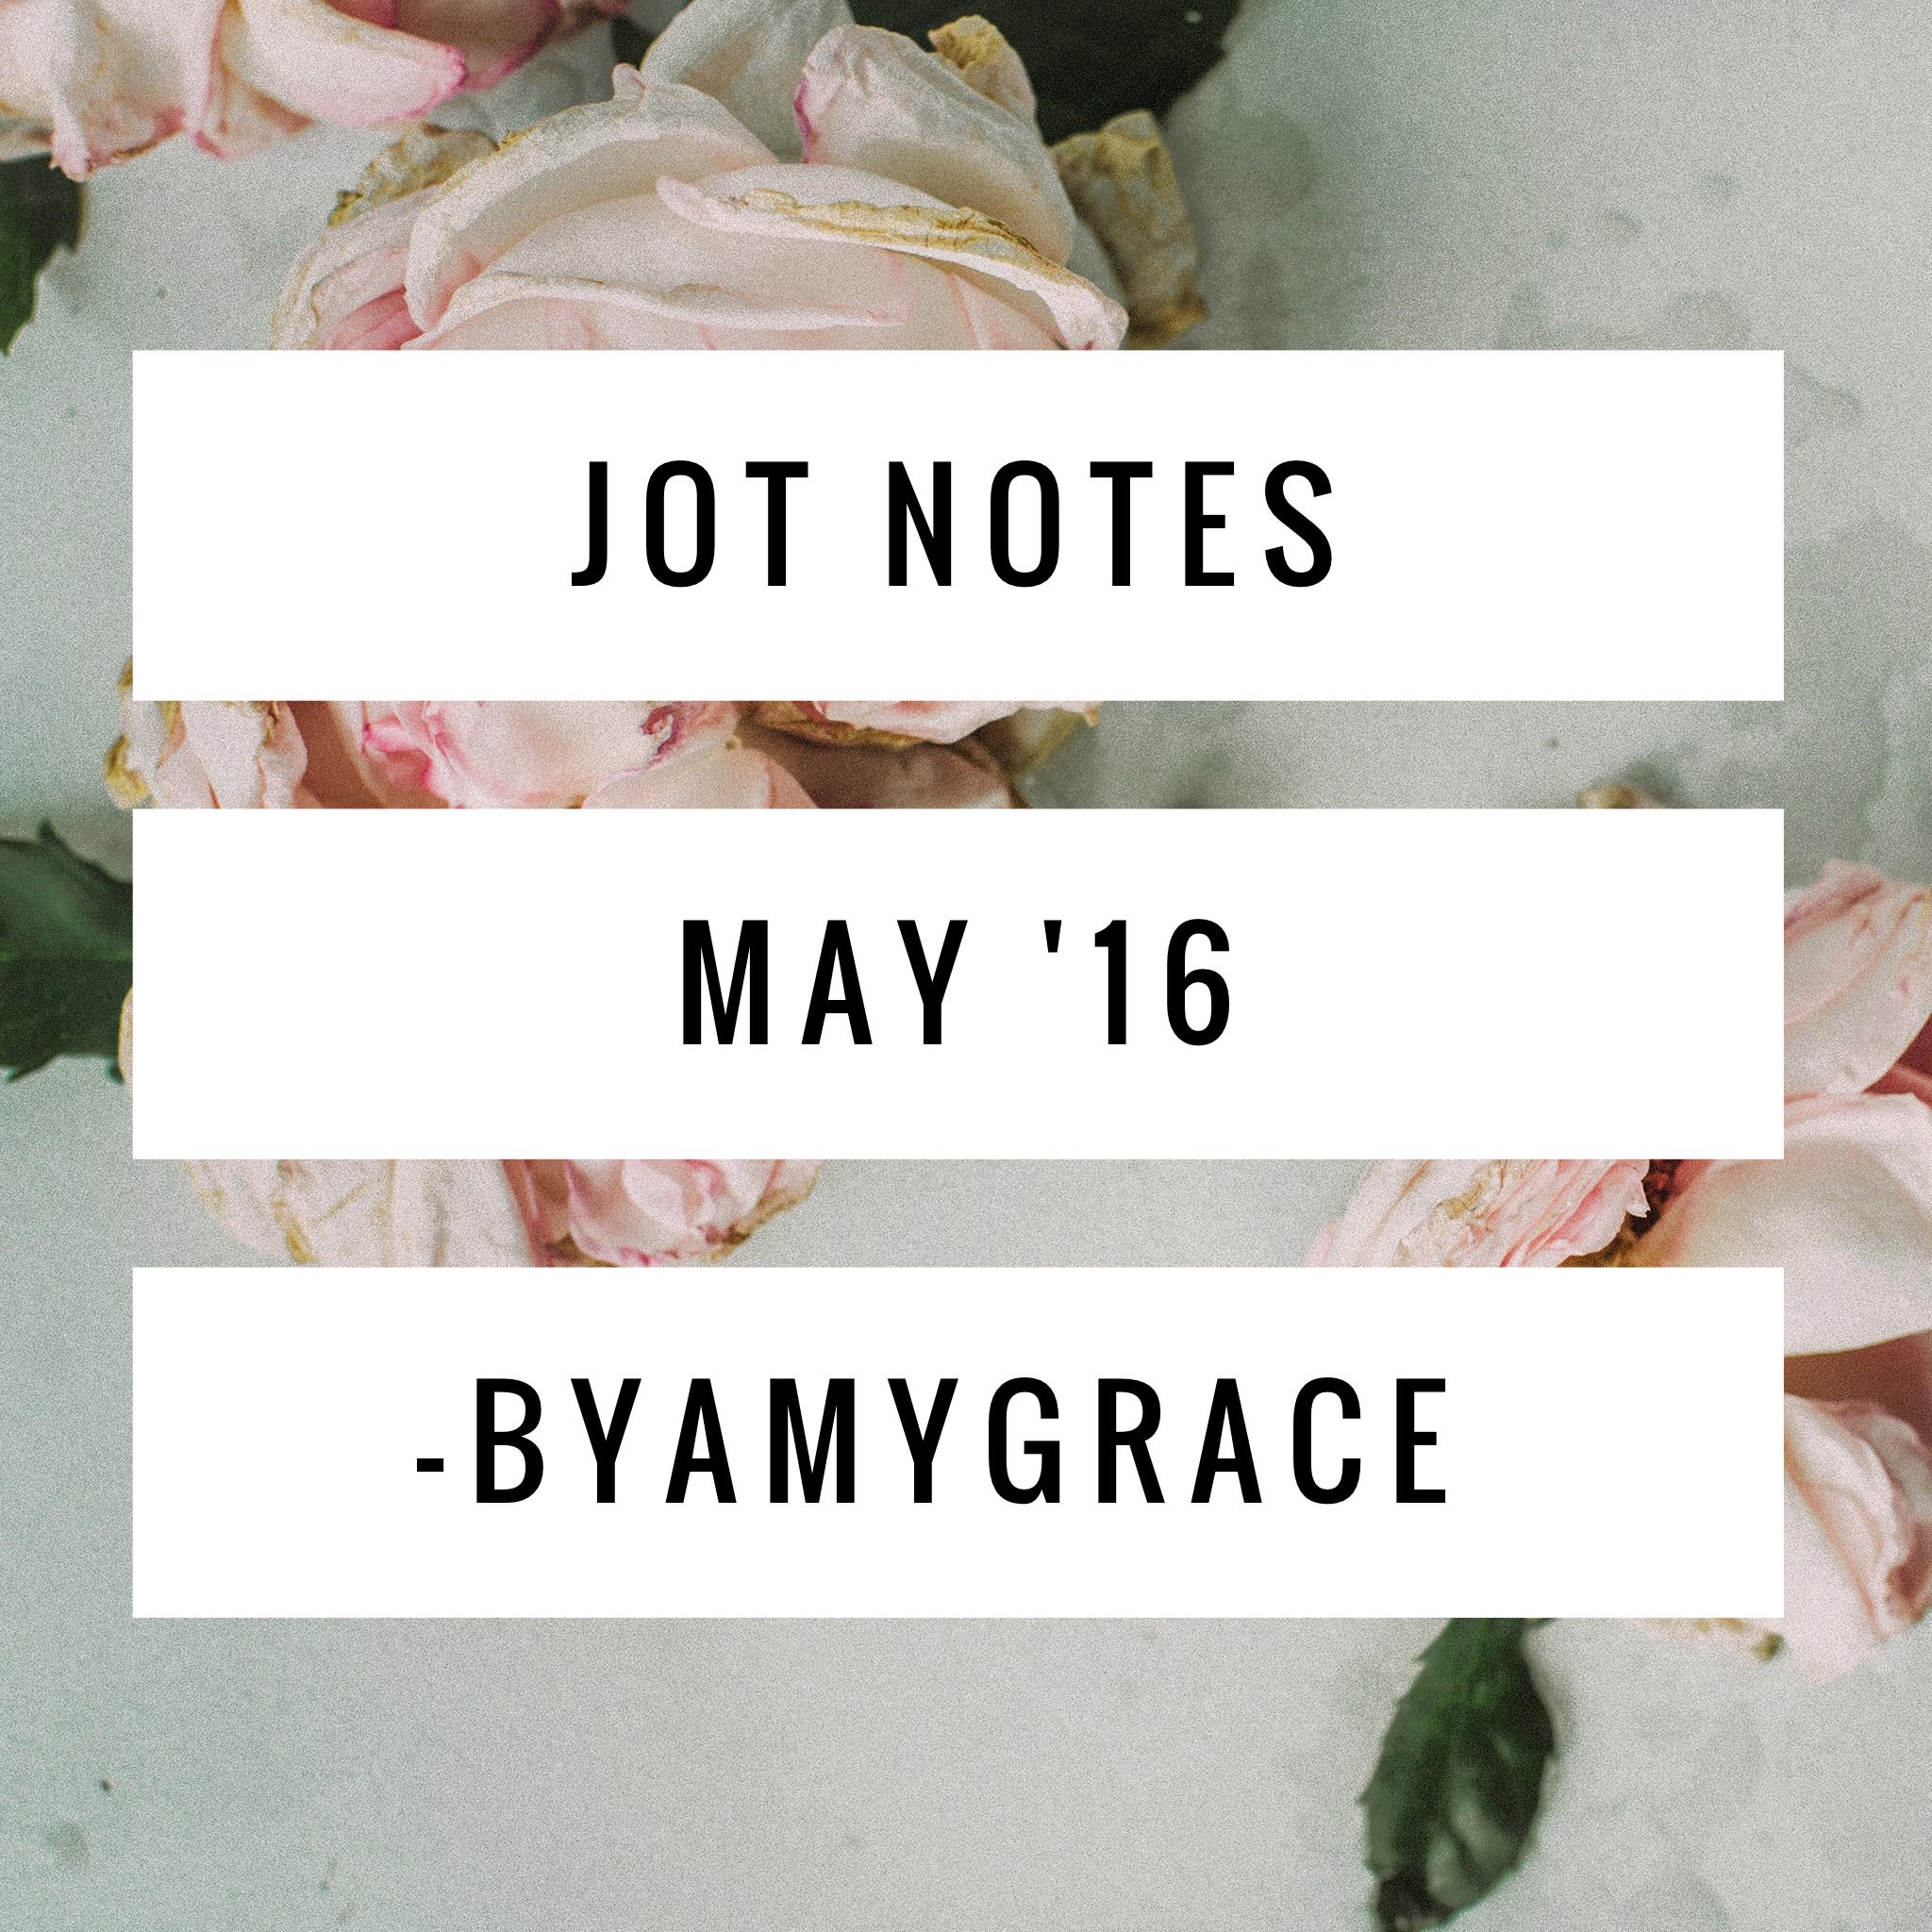 jot.notes.may.16.byamygrace